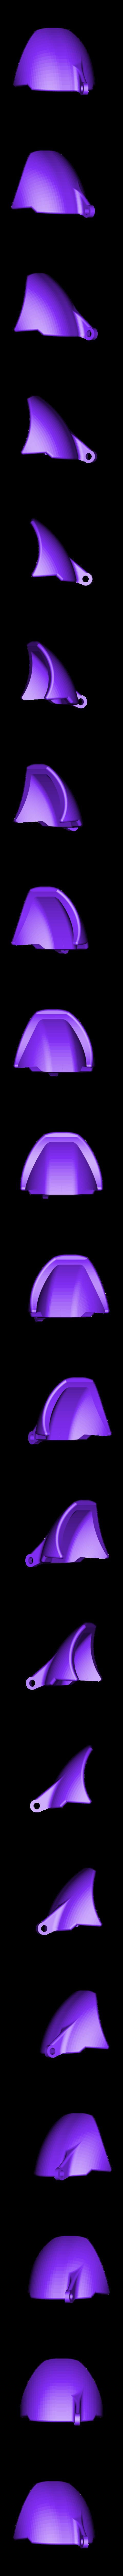 rear_fender_.stl Télécharger fichier STL gratuit 2016 Suzuki GSX-RR MotoGP RC Moto • Modèle pour imprimante 3D, brett